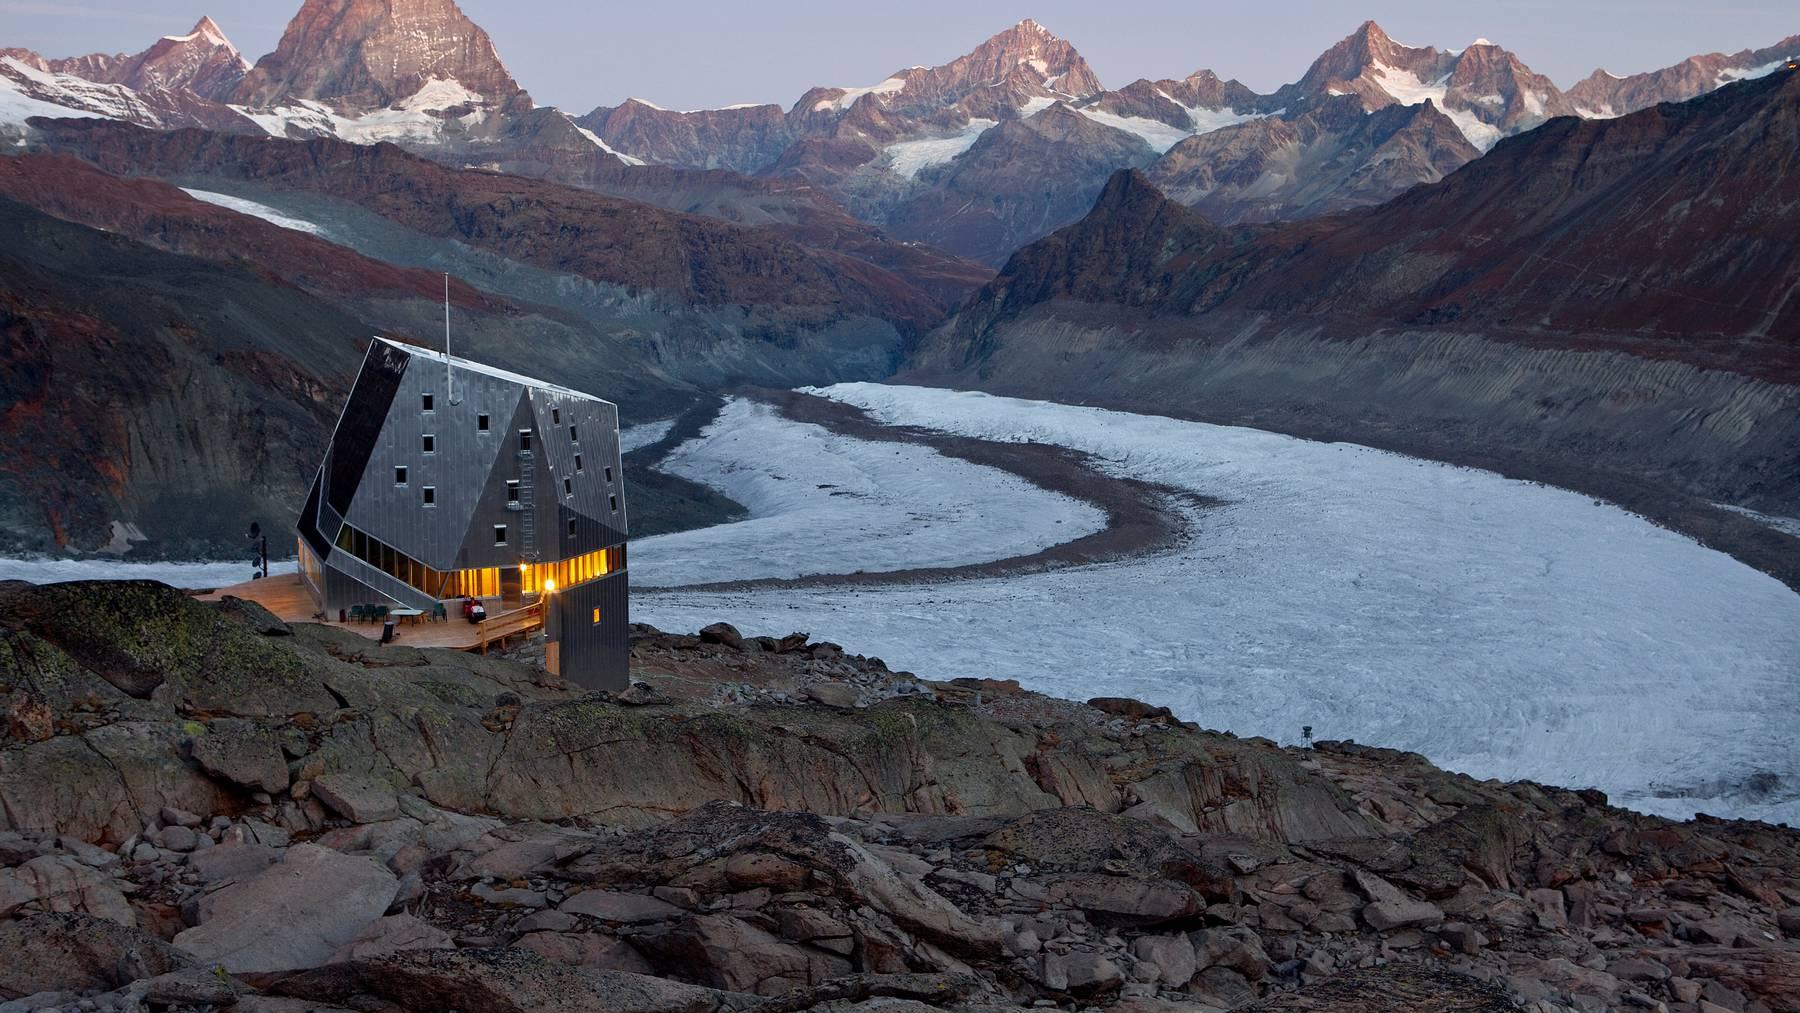 Die Swisscom hat alle Berghütten der Schweiz auf den neuesten Stand der Technik gebracht. Im Symbolbild: Die neue Monte Rosa Hütte.